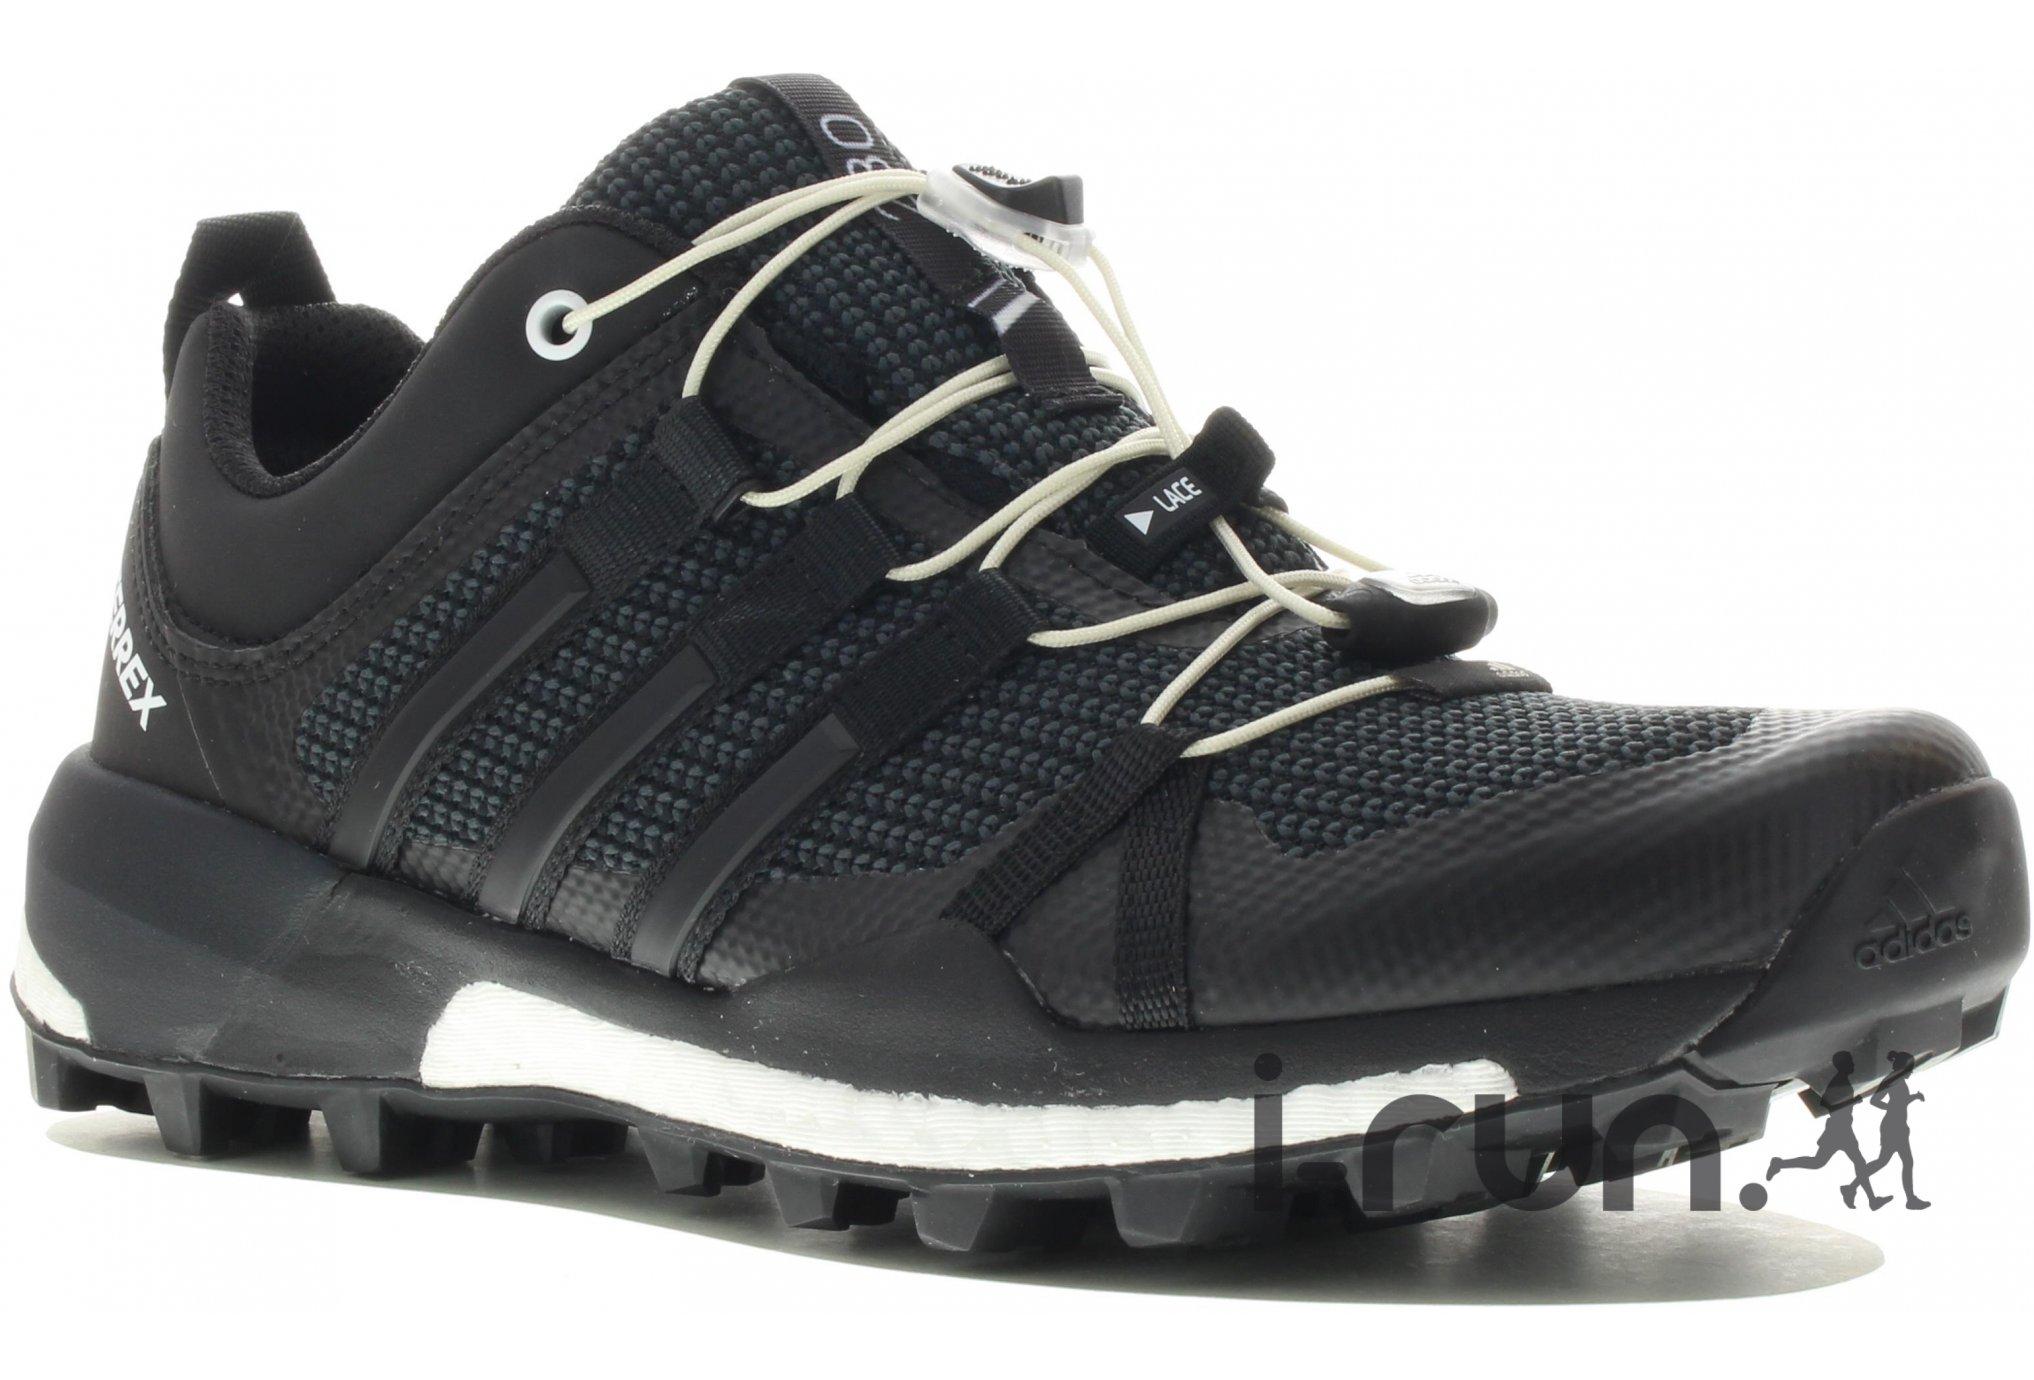 adidas Terrex Skychaser W Chaussures running femme